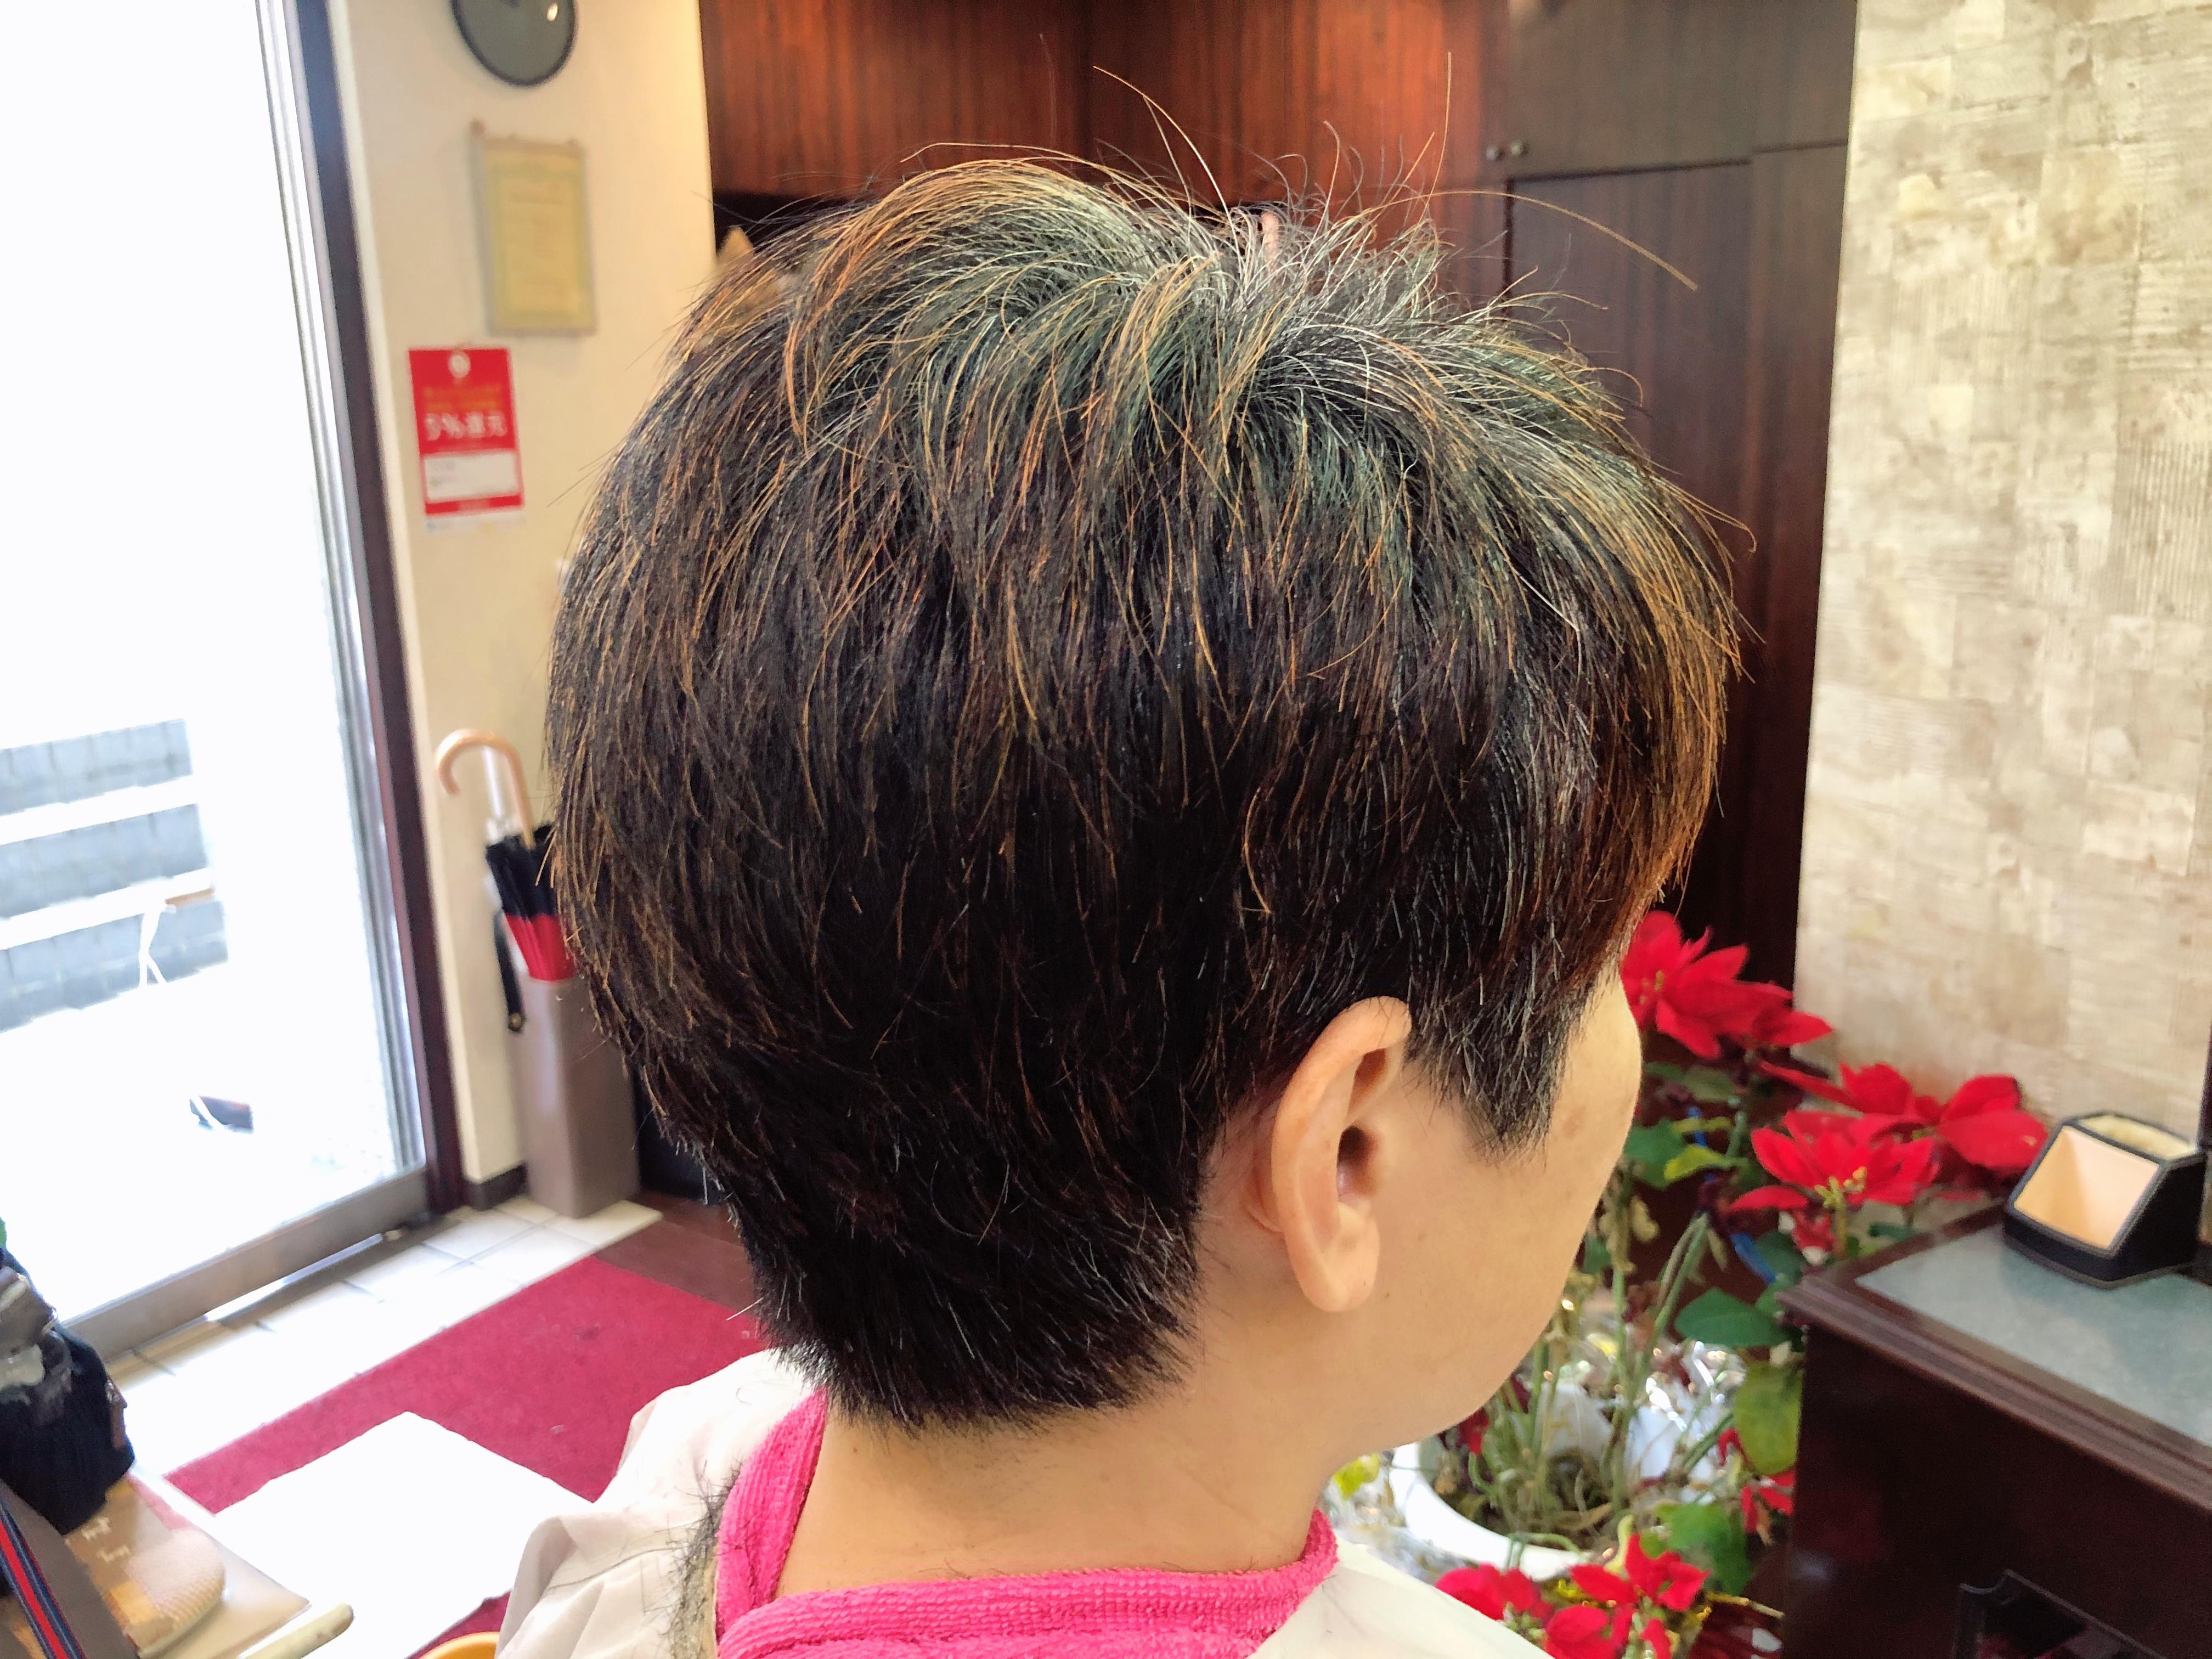 くせ毛カット、お客さまの髪長さの結論は!